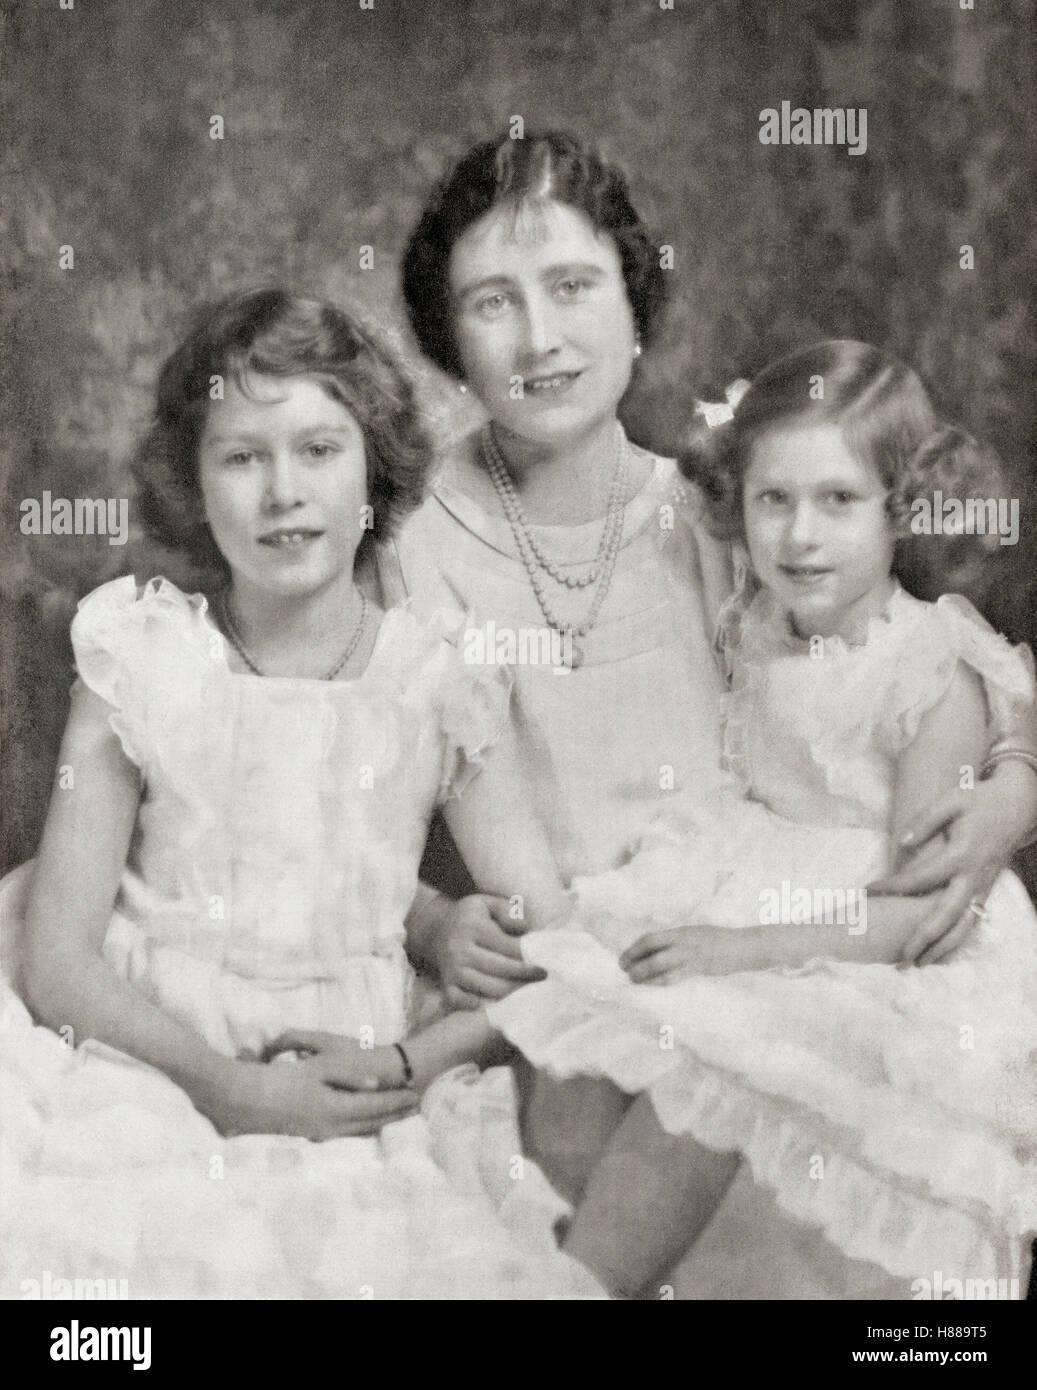 La Reina Isabel Con Sus Hijas La Princesa Isabel La Futura Reina Isabel Ii Izquierda Y Derecha Princess Margaret En 1937 La Reina Elizabeth La Reina Madre Elizabeth Angela Marguerite Bowes Lyon 1900